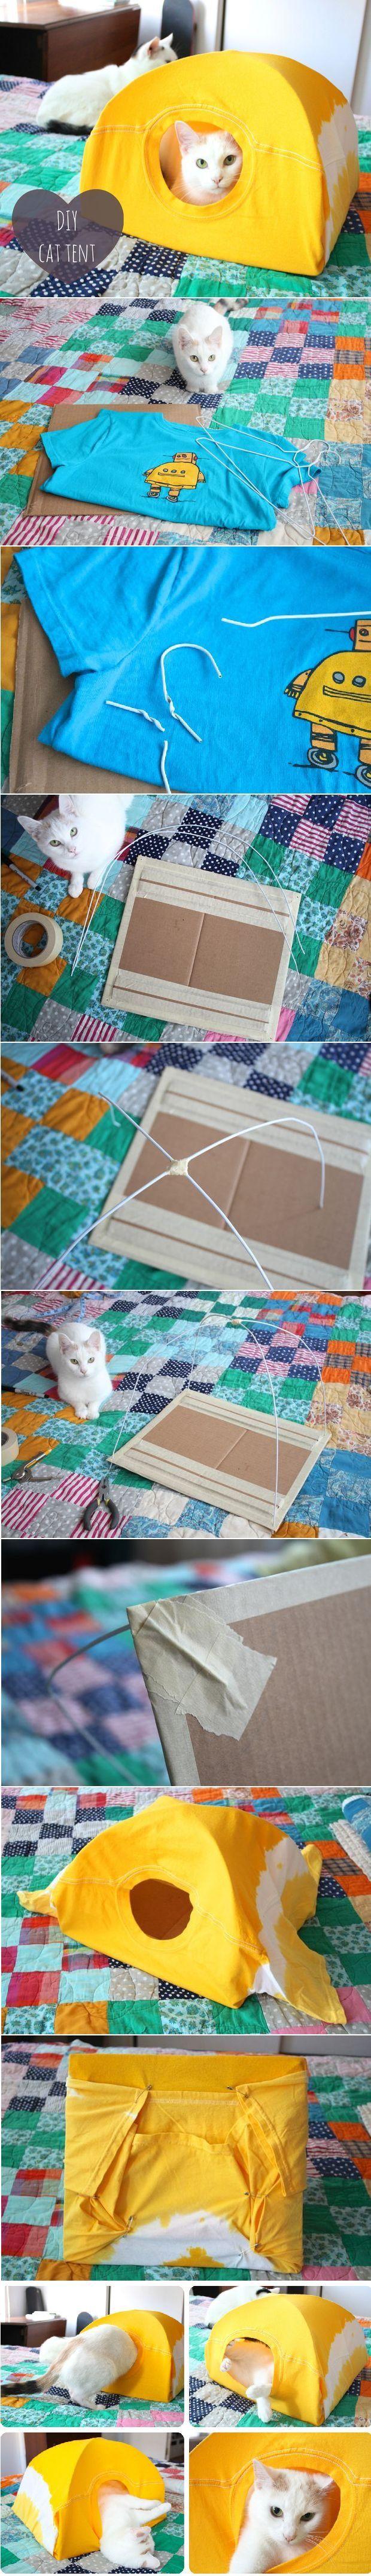 Tenda para gato  ⛺️ usando camiseta e cabide!! Cat tent